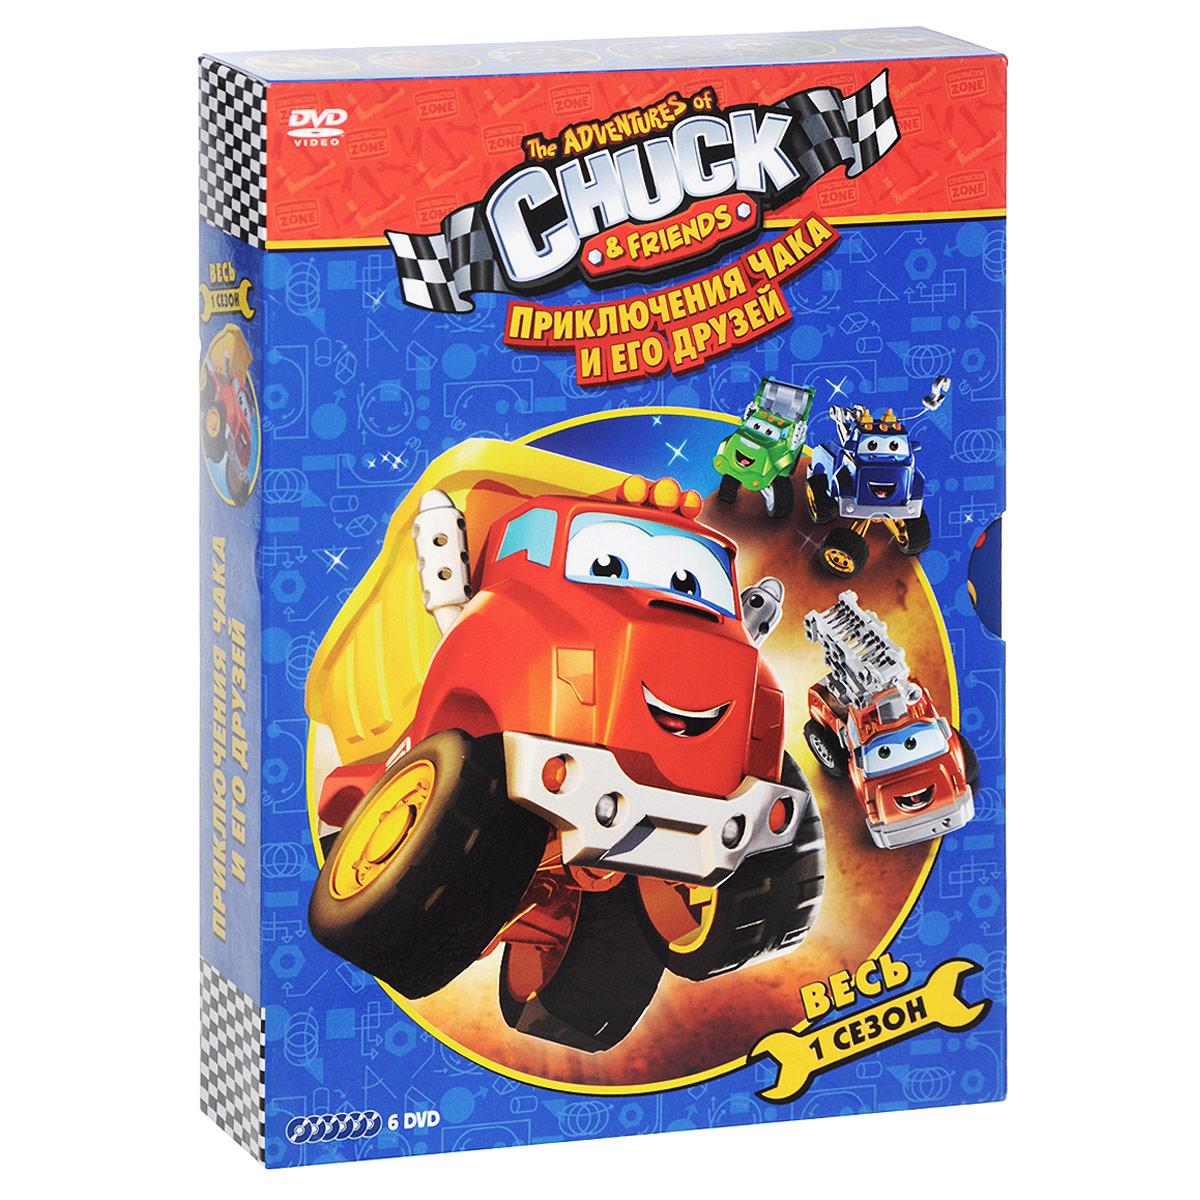 Приключения Чака и его друзей: Весь 1 сезон (6 DVD)